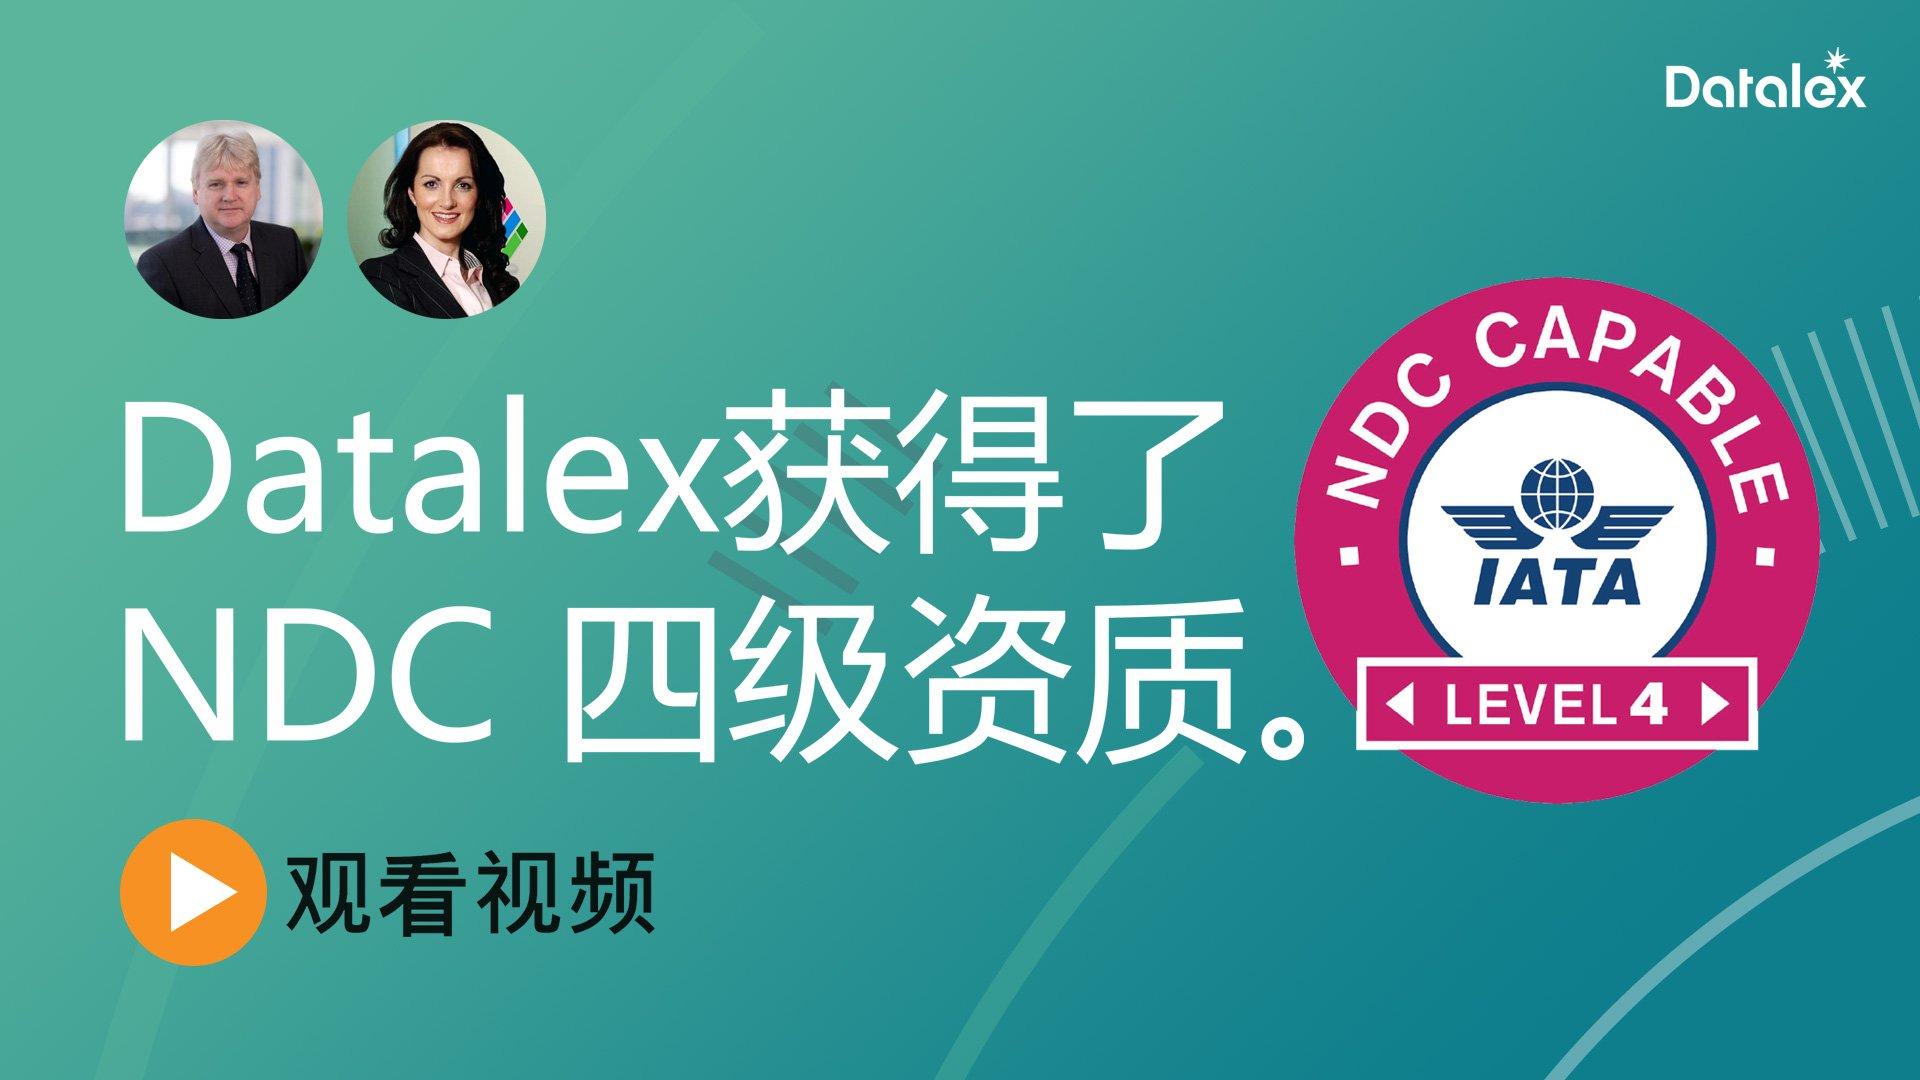 Datalex获得NDC四级资质